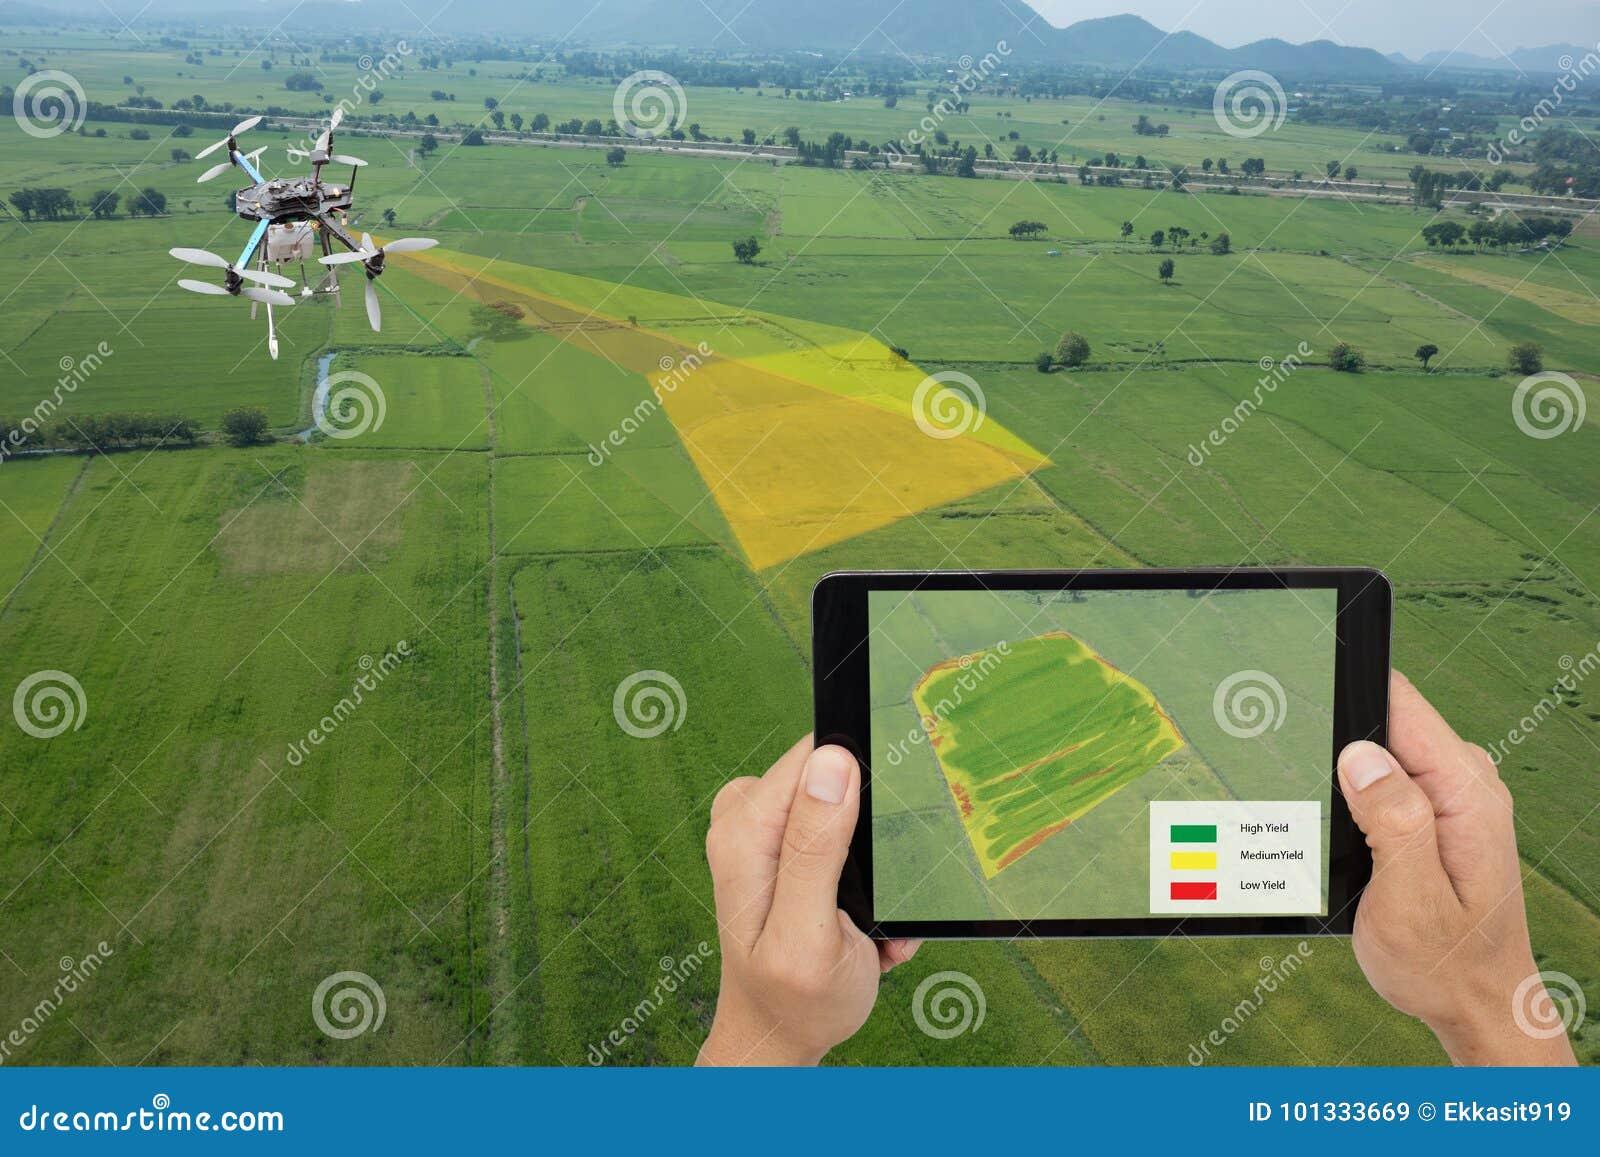 O zangão para a agricultura, uso do zangão para vários campos gosta da análise da pesquisa, segurança, salvamento, tecnologia da